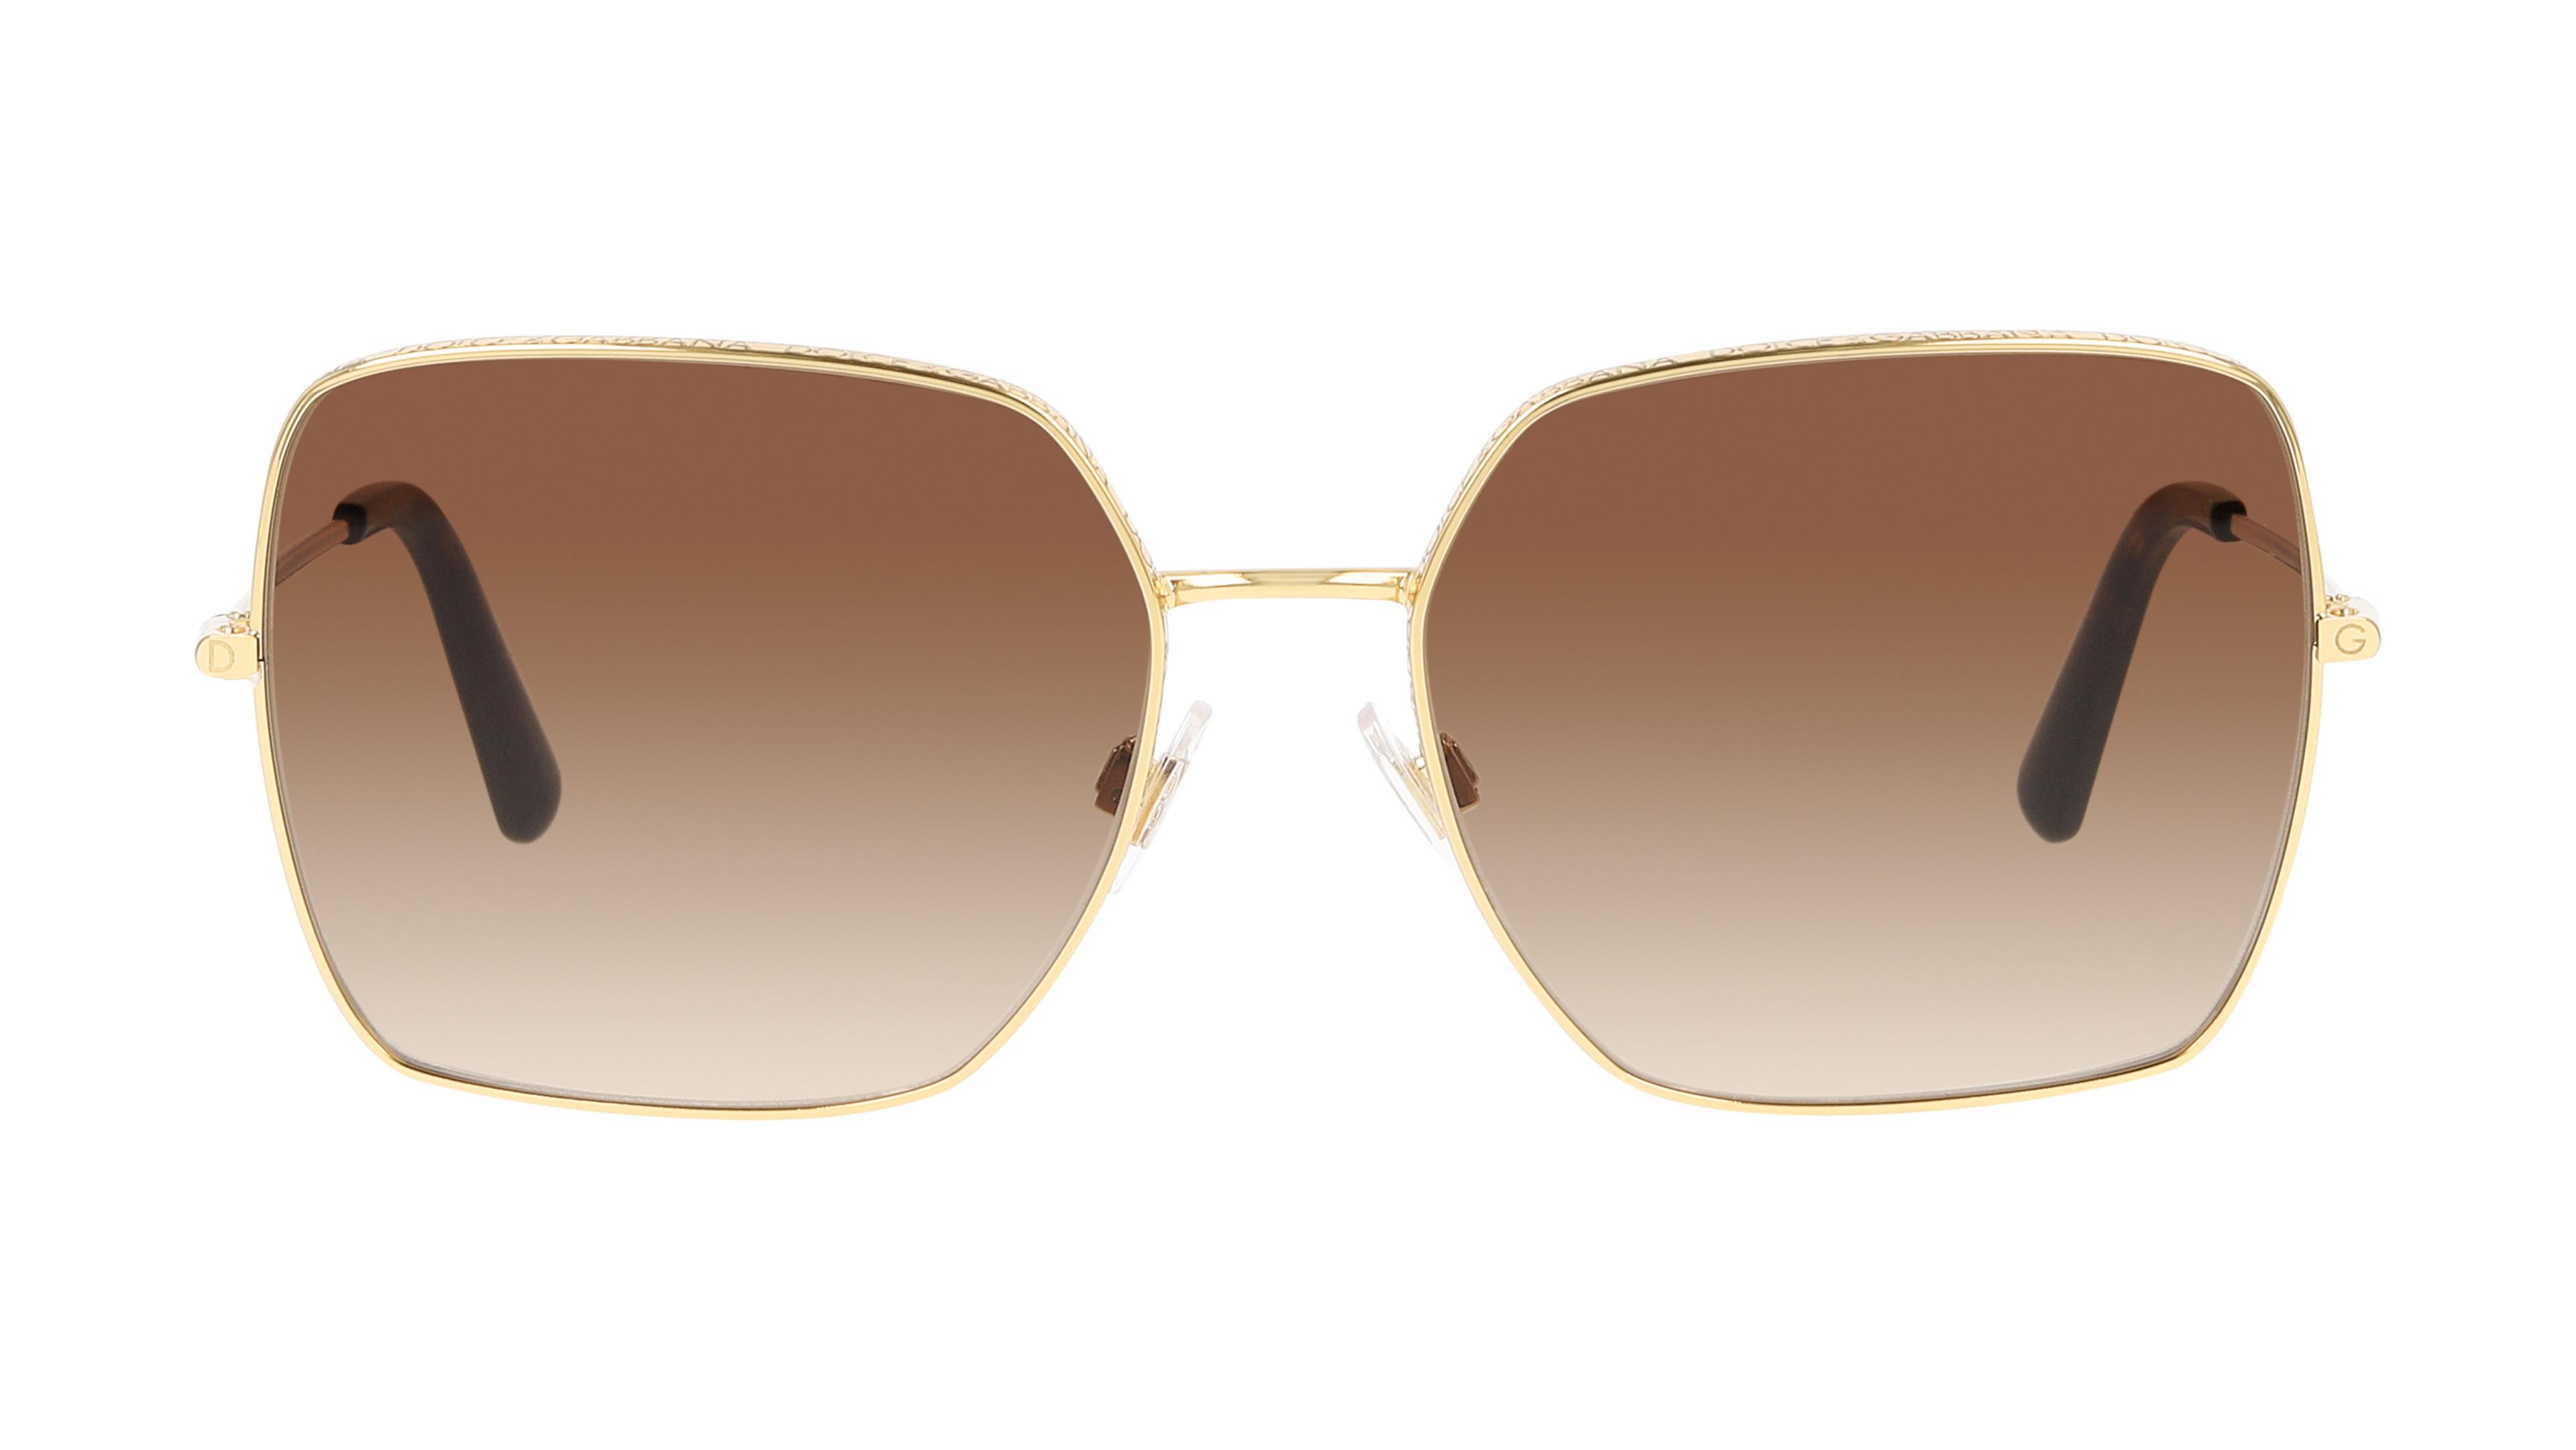 8056597133203-front-dolce-and-gabbana-sonnenbrille-0dg2242-eyewear-gold_2